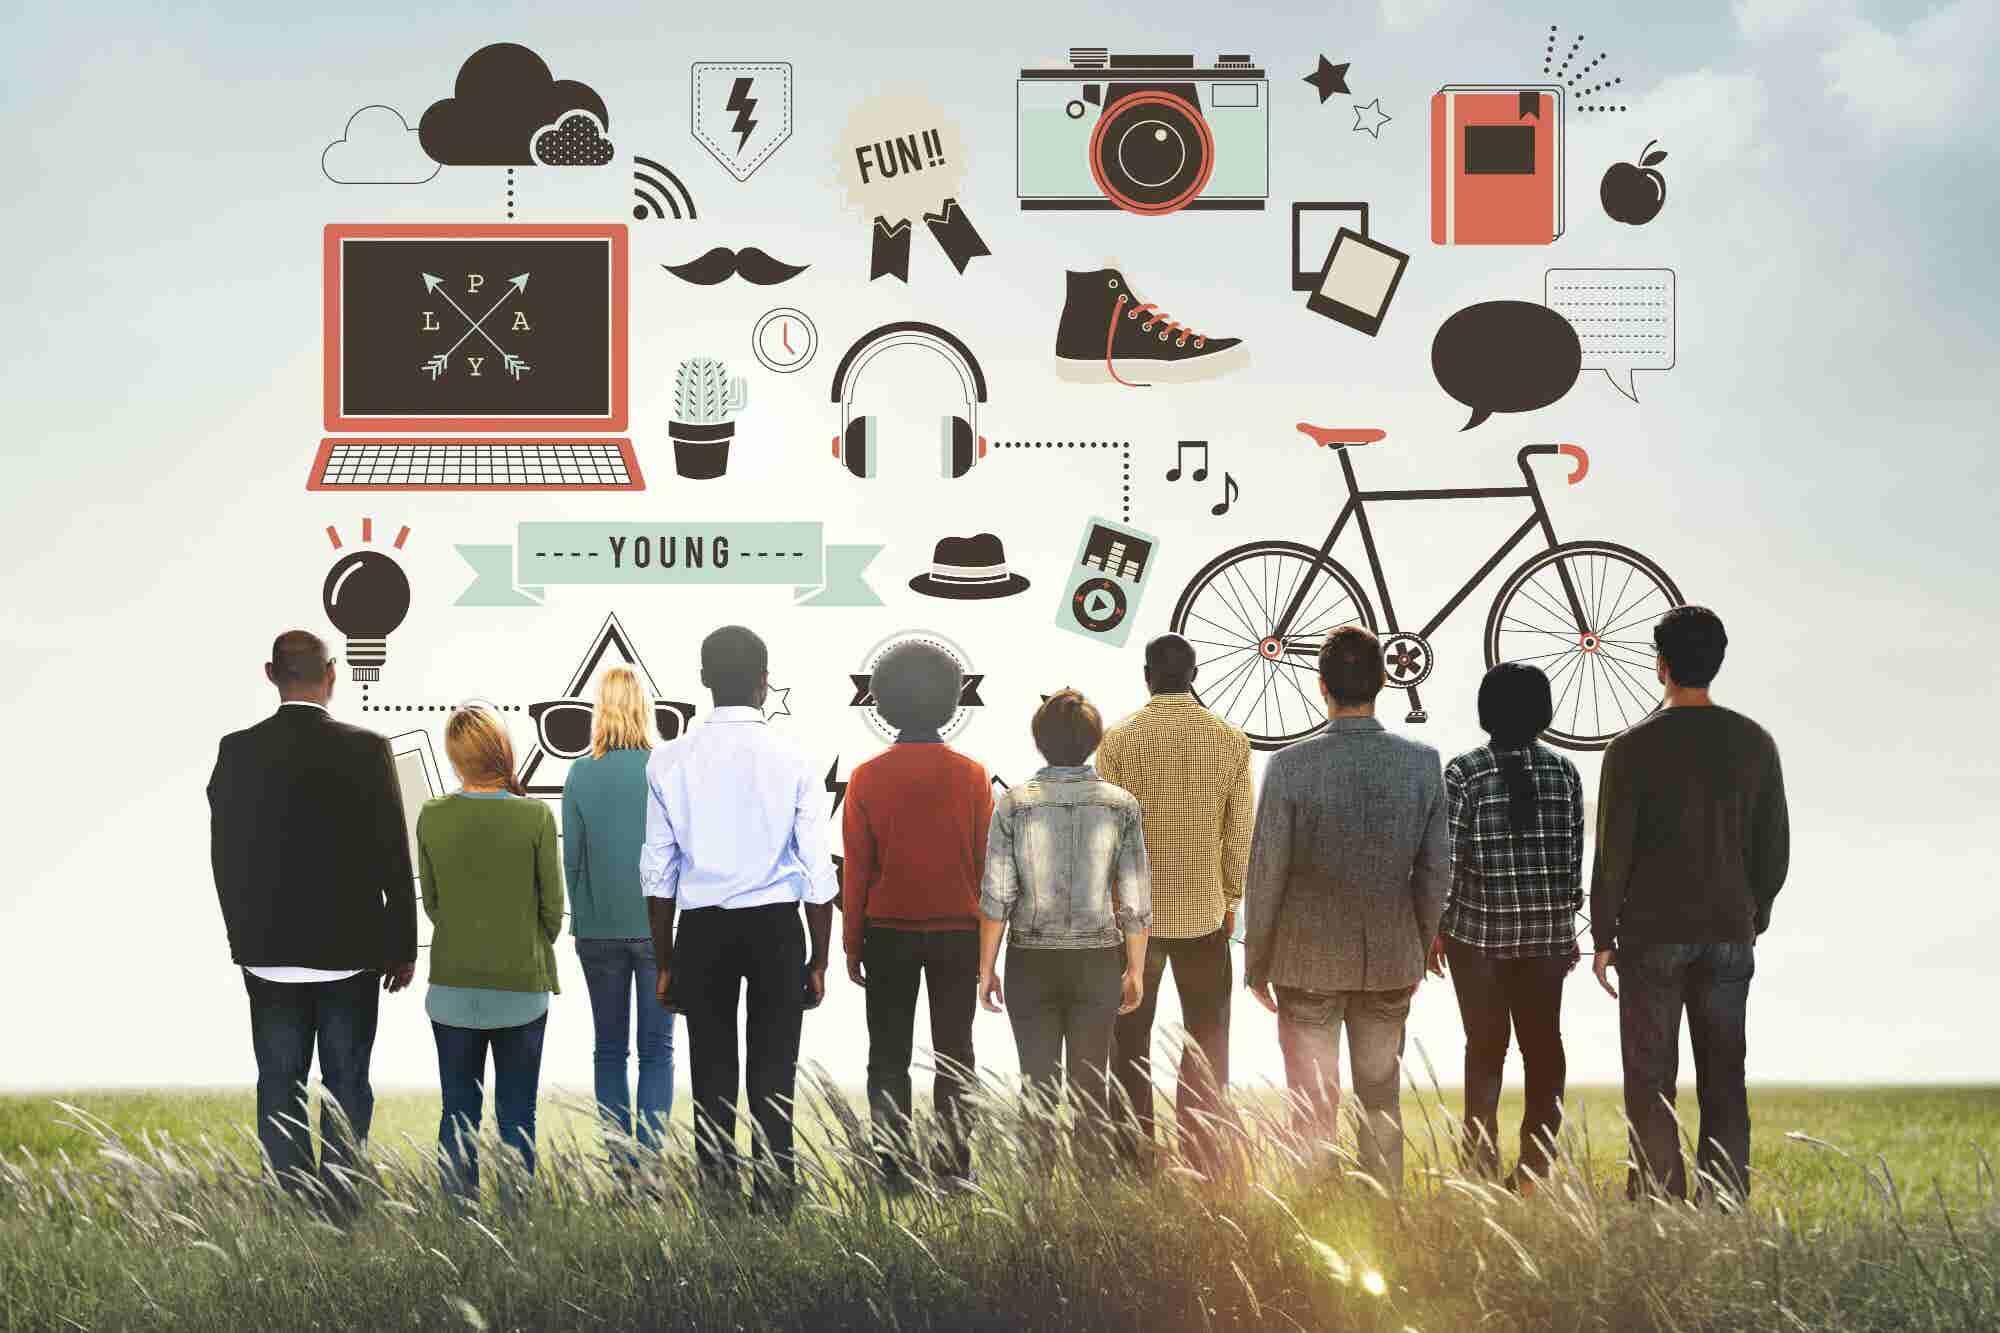 ¿Cómo podemos convencer a los jóvenes de emprender?